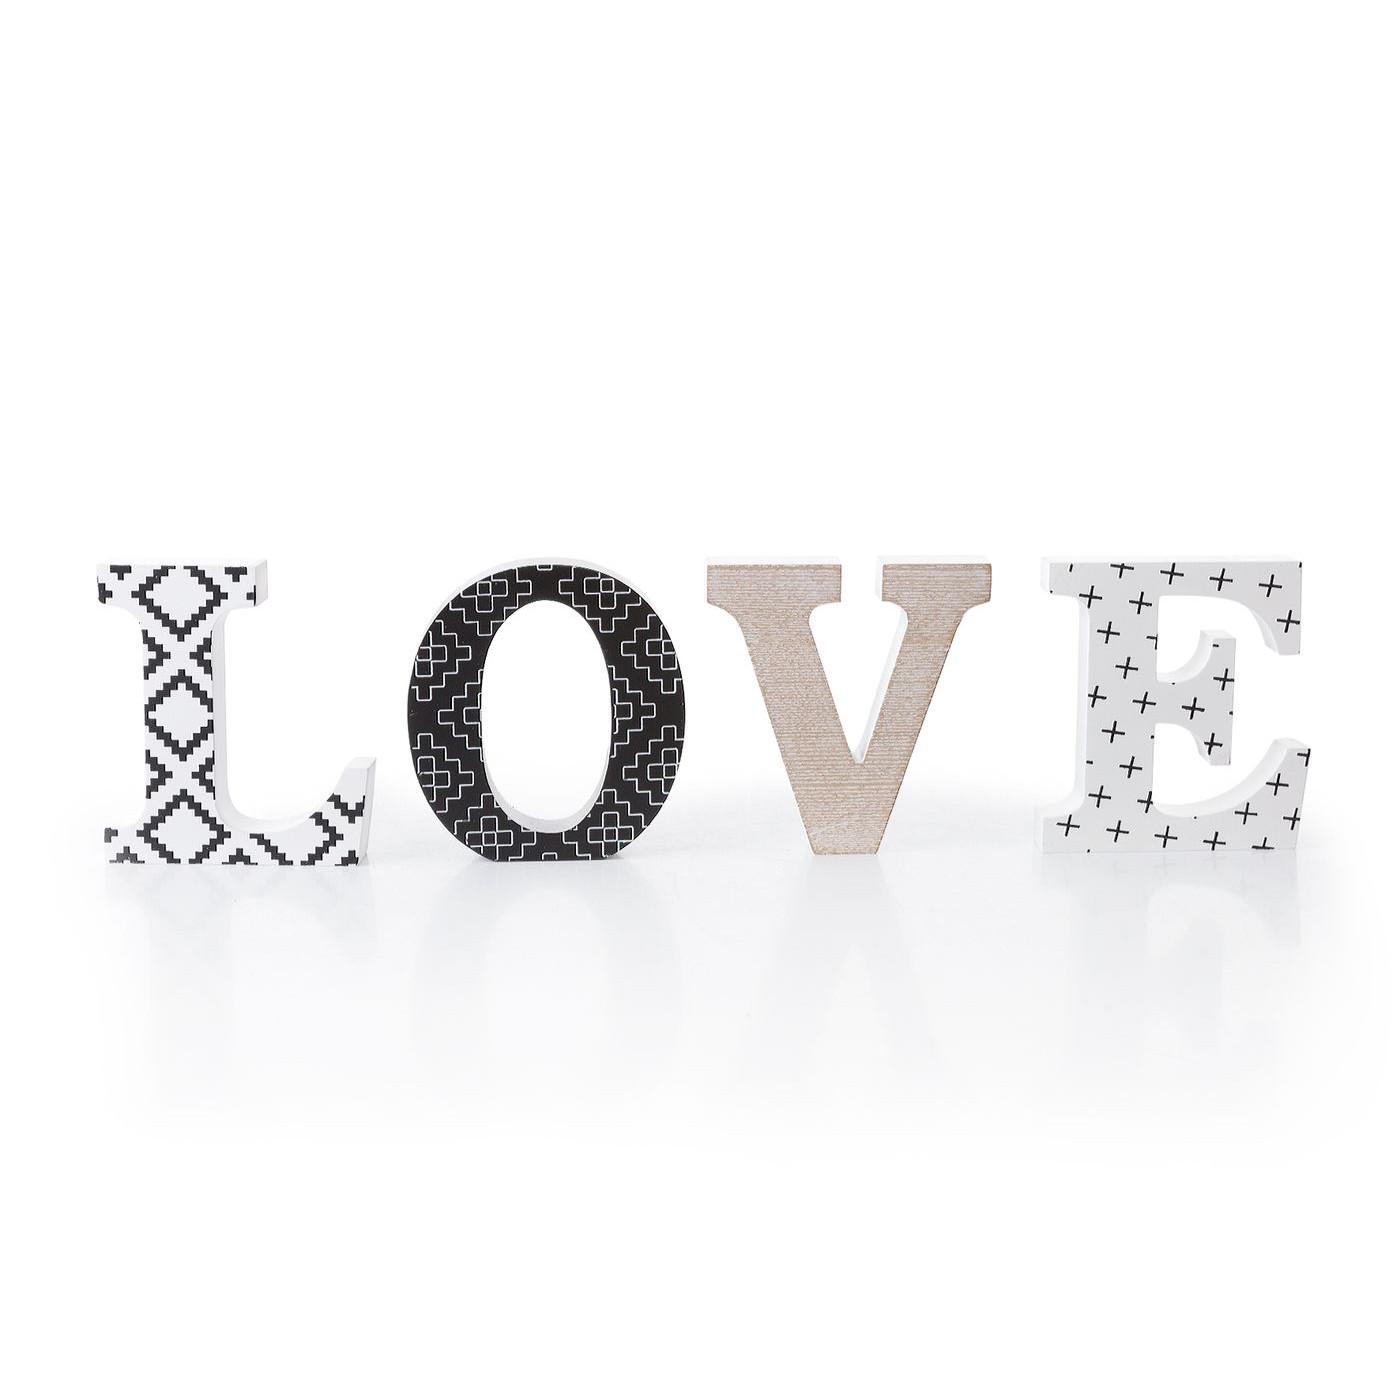 Dekoracja napis love styl młodzieżowy 12 cm